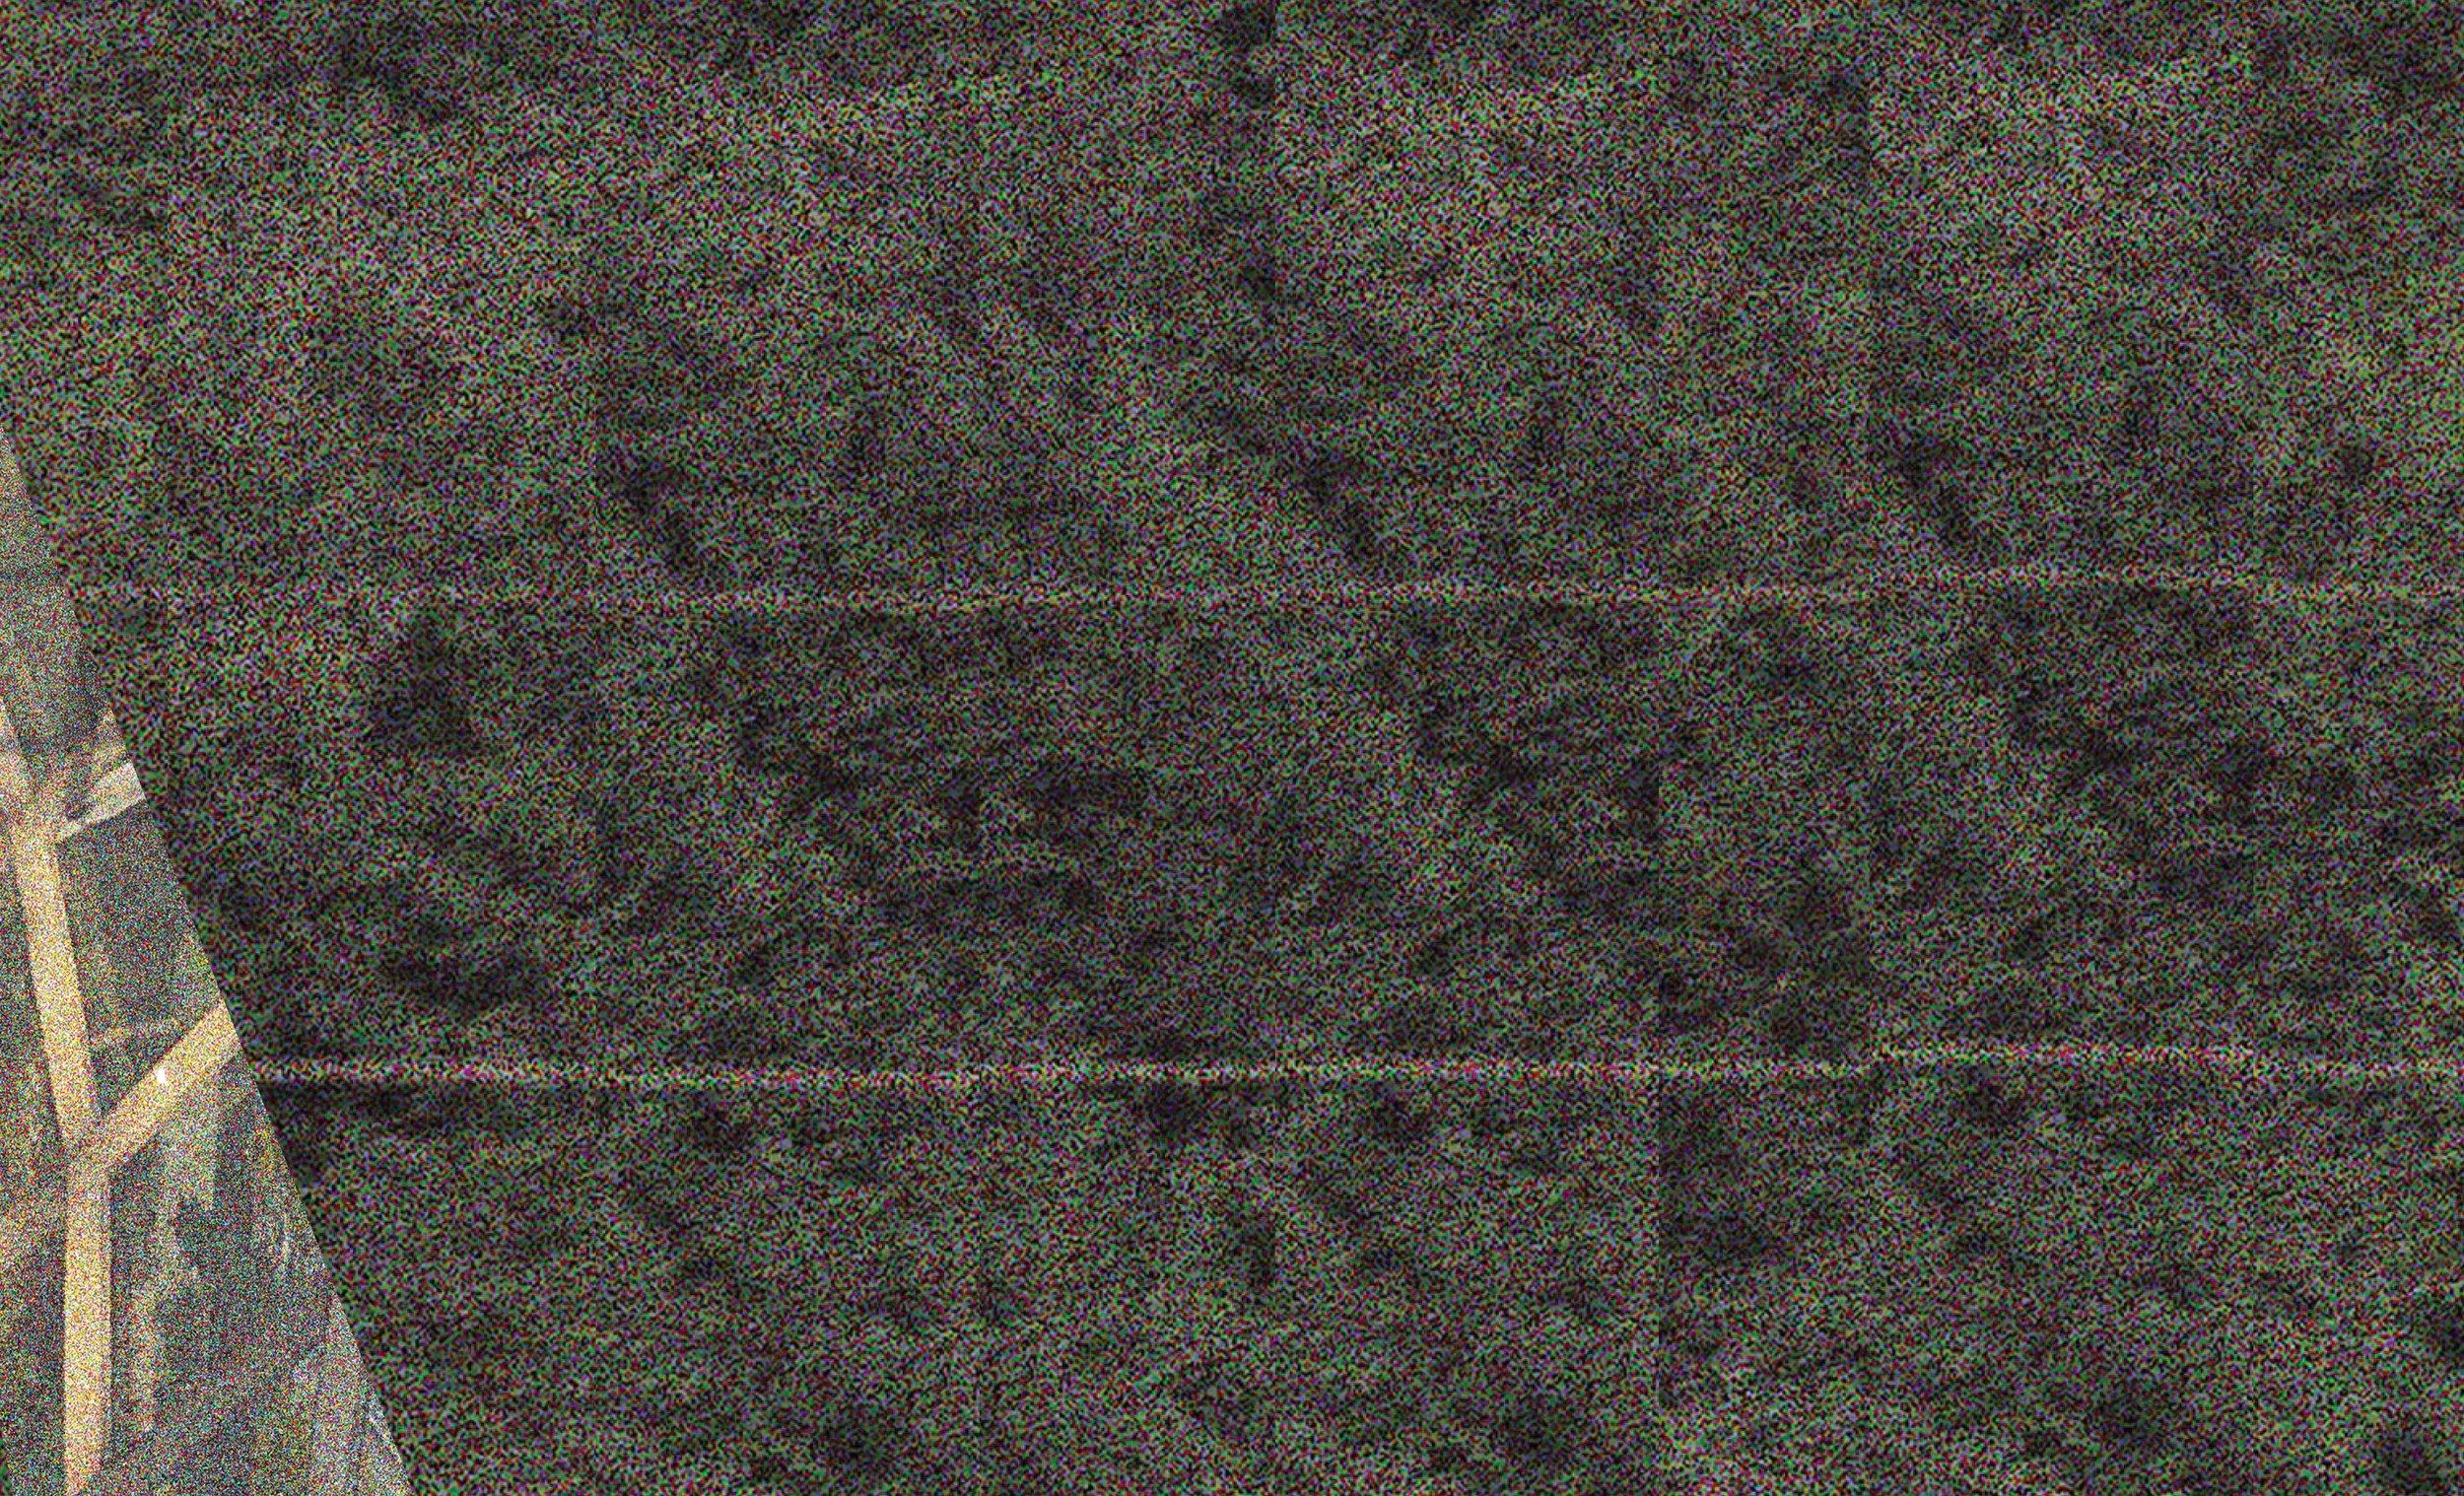 Annabelle TTN - PRINT BOOK (14x17)_Page_37.jpg